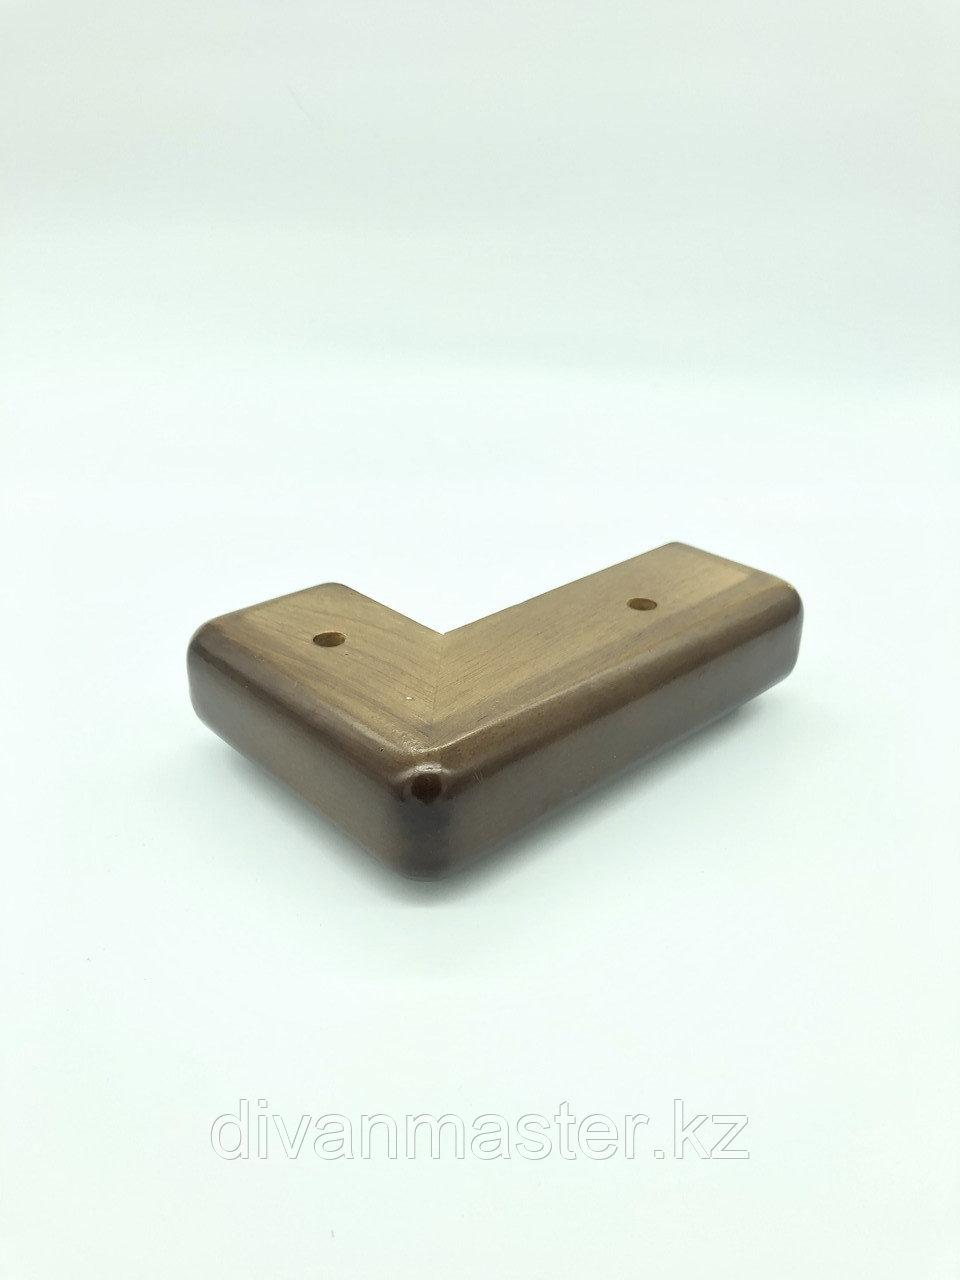 Ножка мебельная, деревянная, угловая 5 см